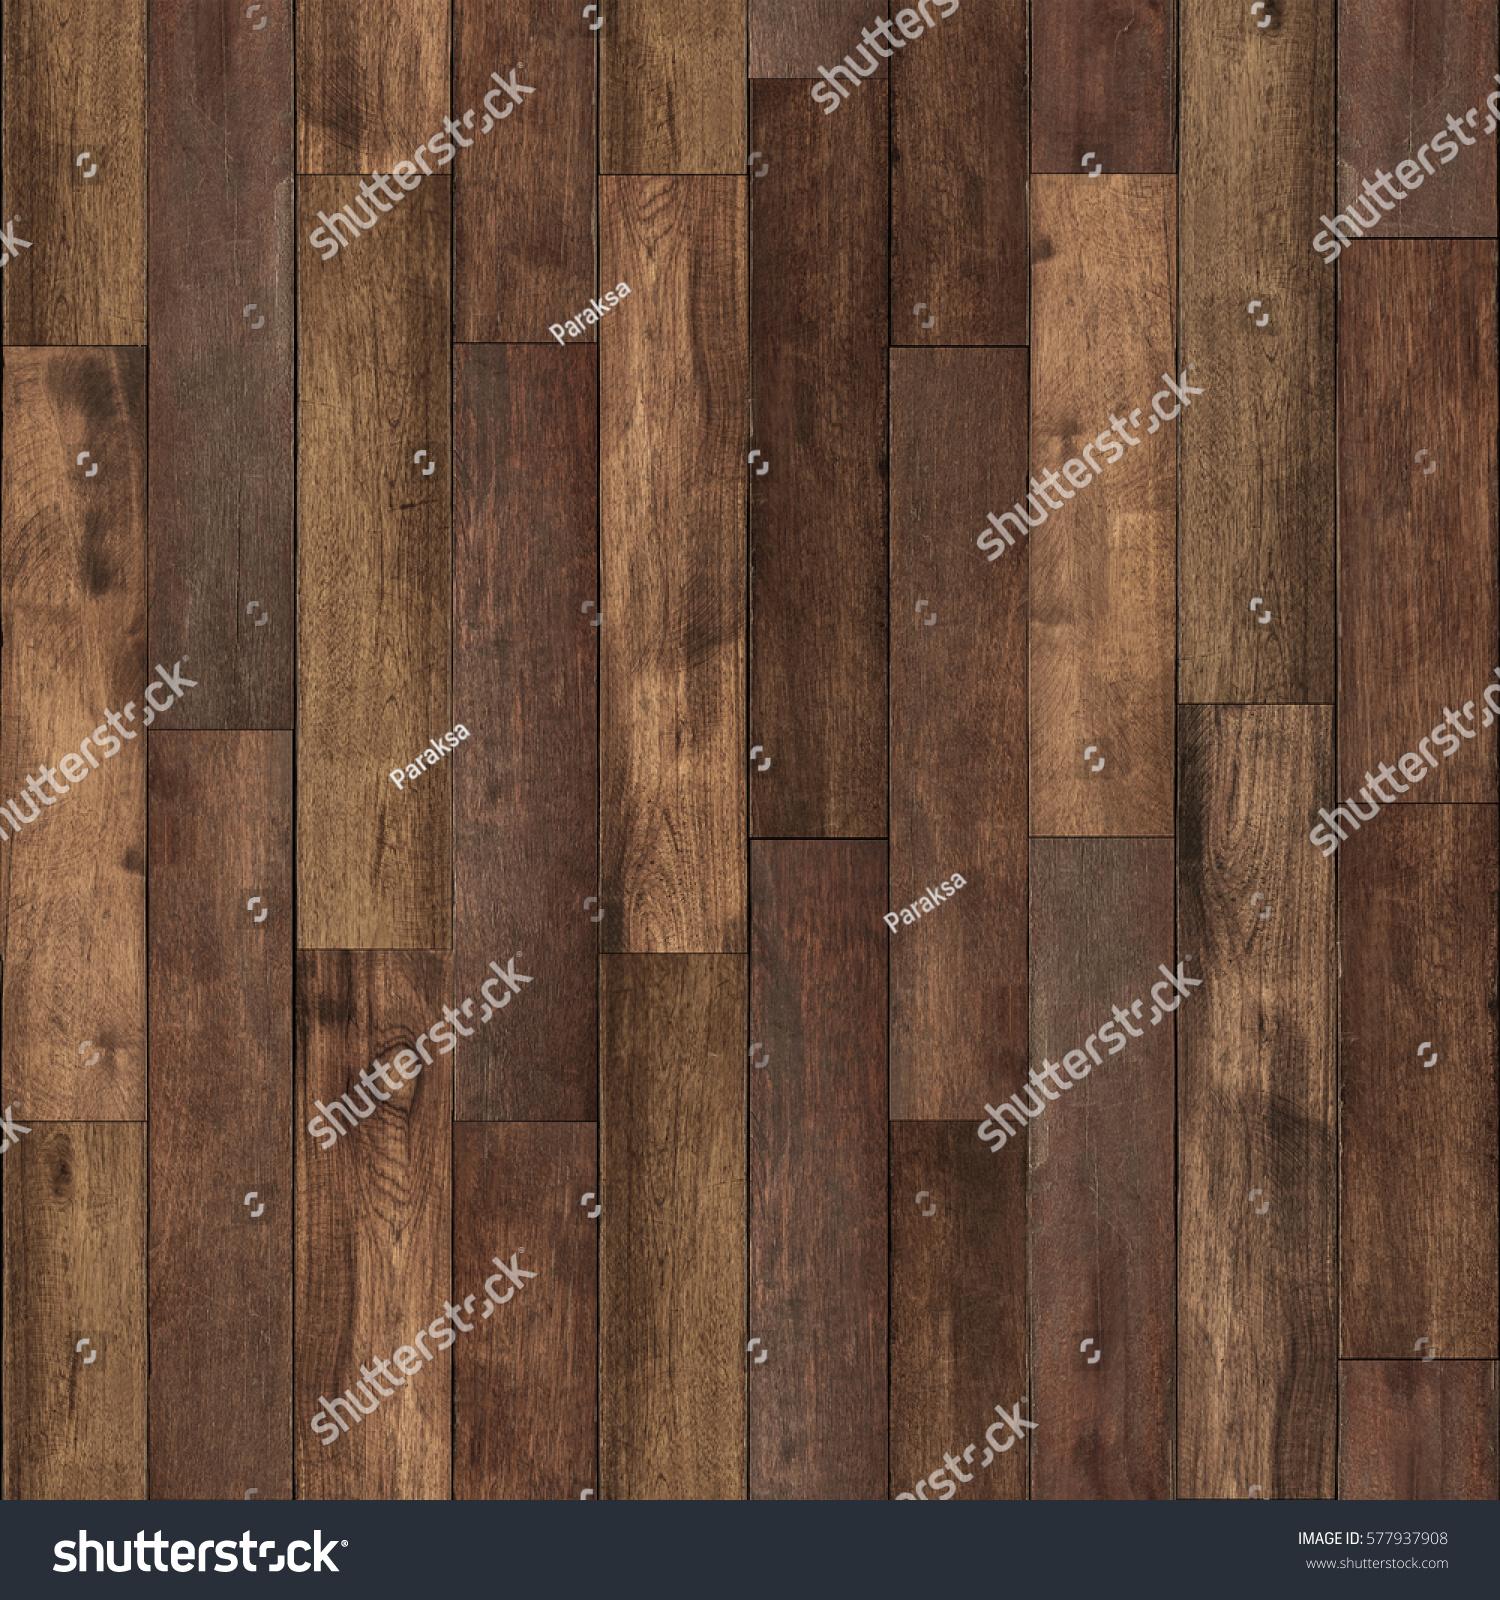 seamless wood floor texture. Wood Floor Texture, Seamless Planks Texture Background L